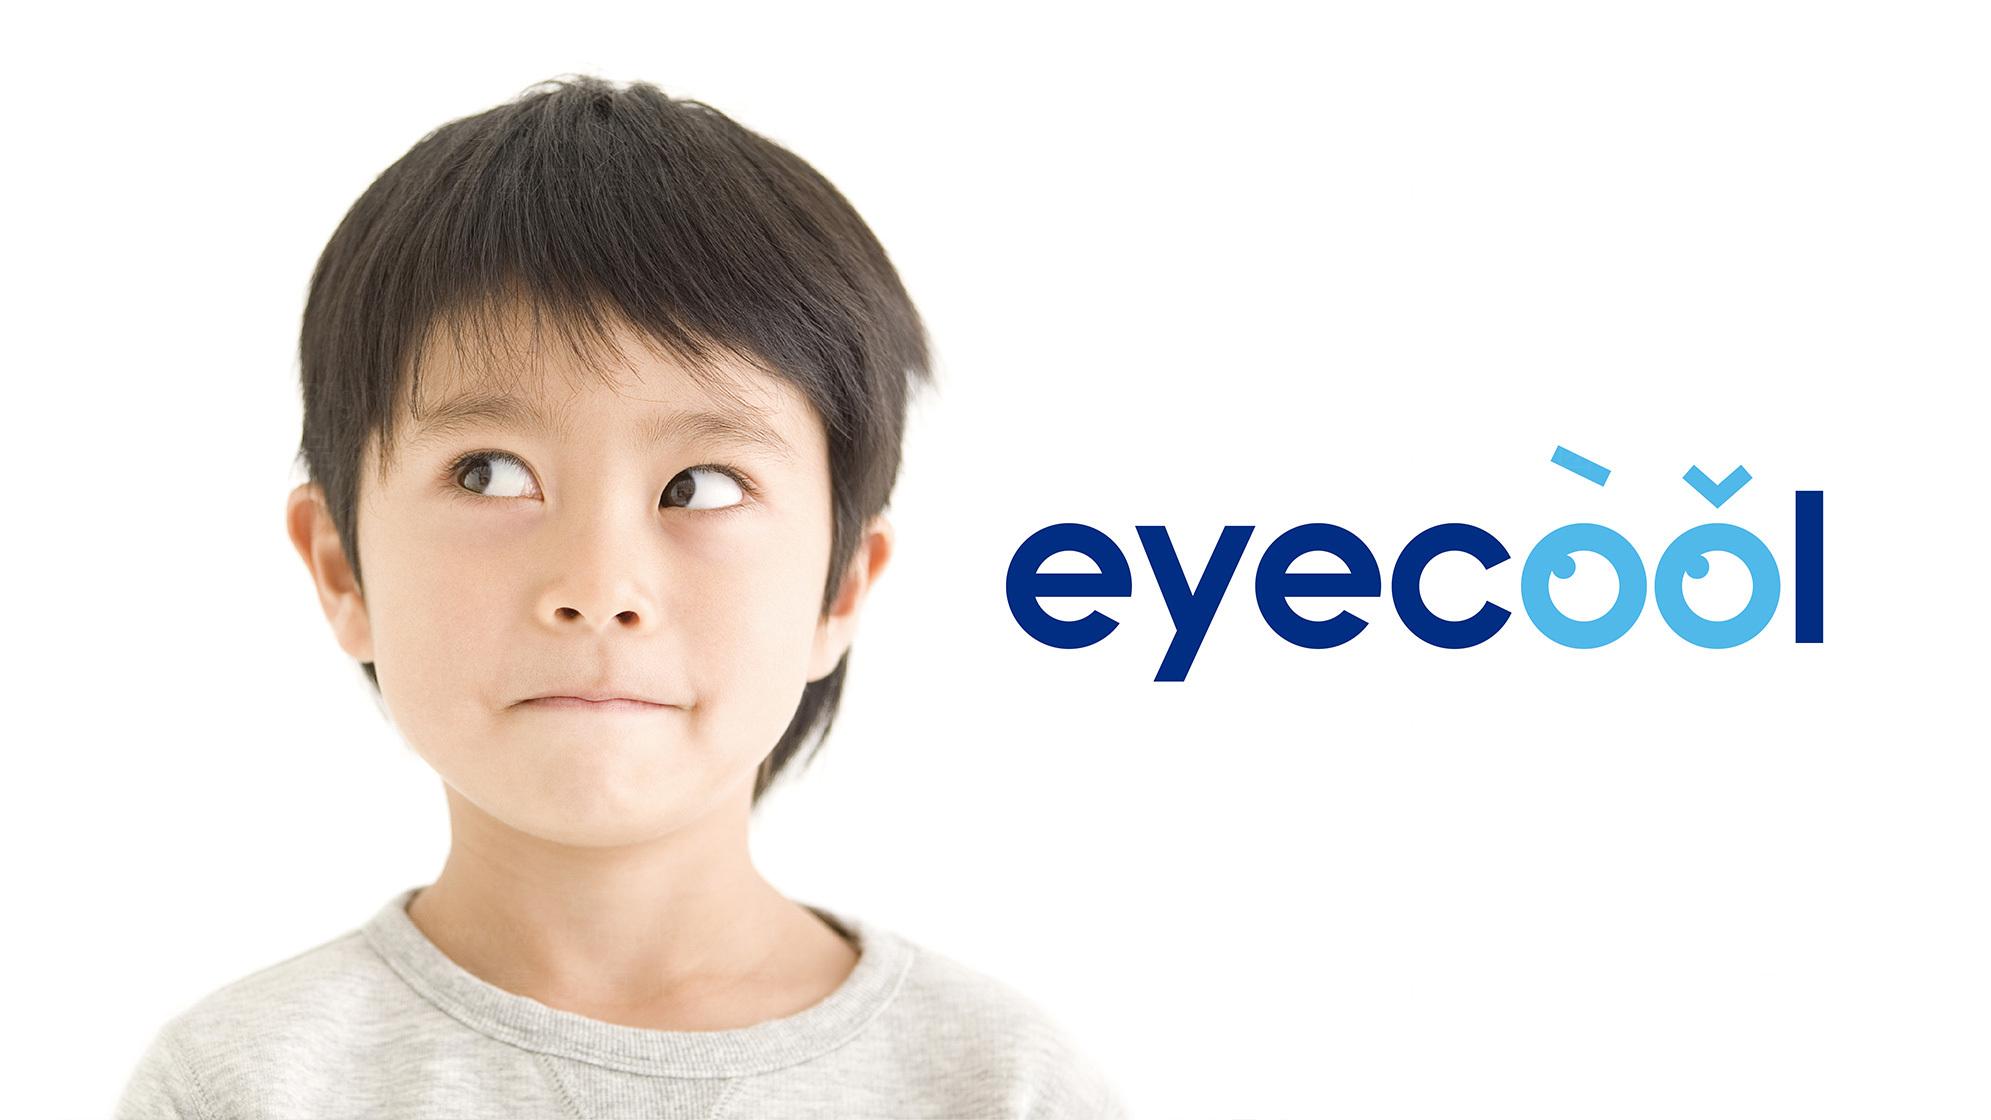 品牌设计眼神科技LOGO&VI设计应用场景_2